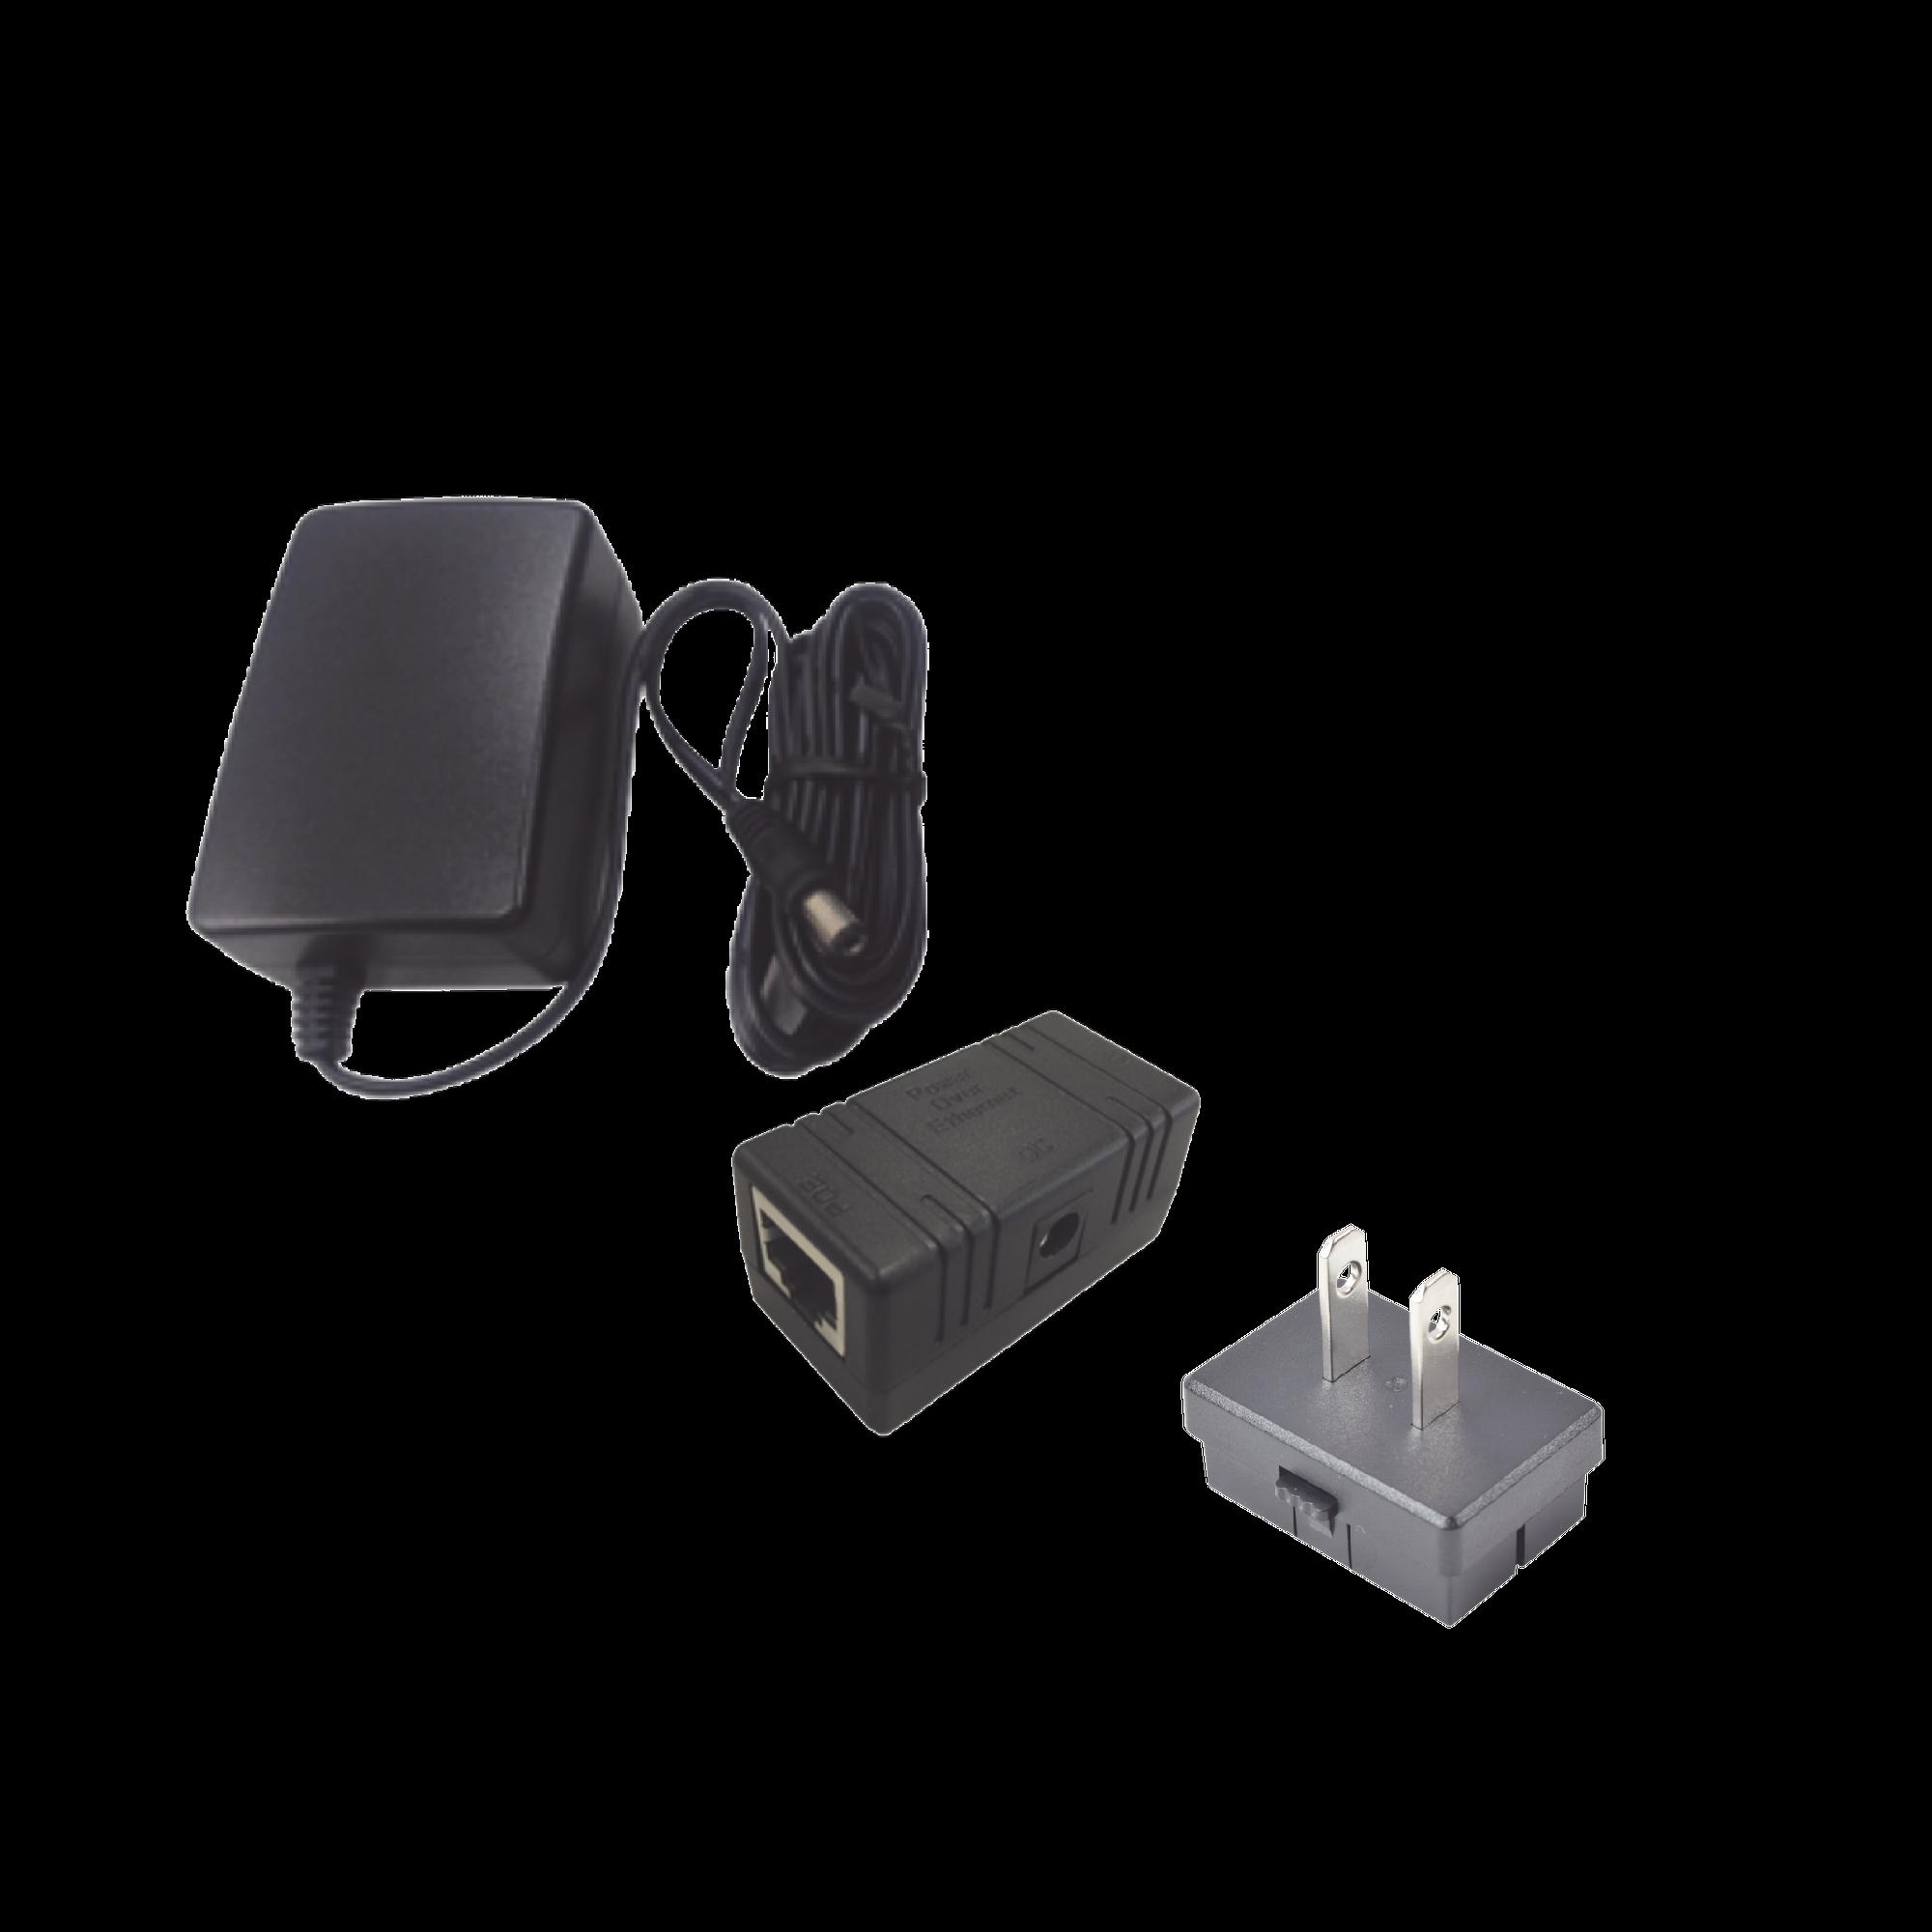 Kit de accesorios de alimentacion para puntos de acceso Series C1?s de Altai Super WiFi